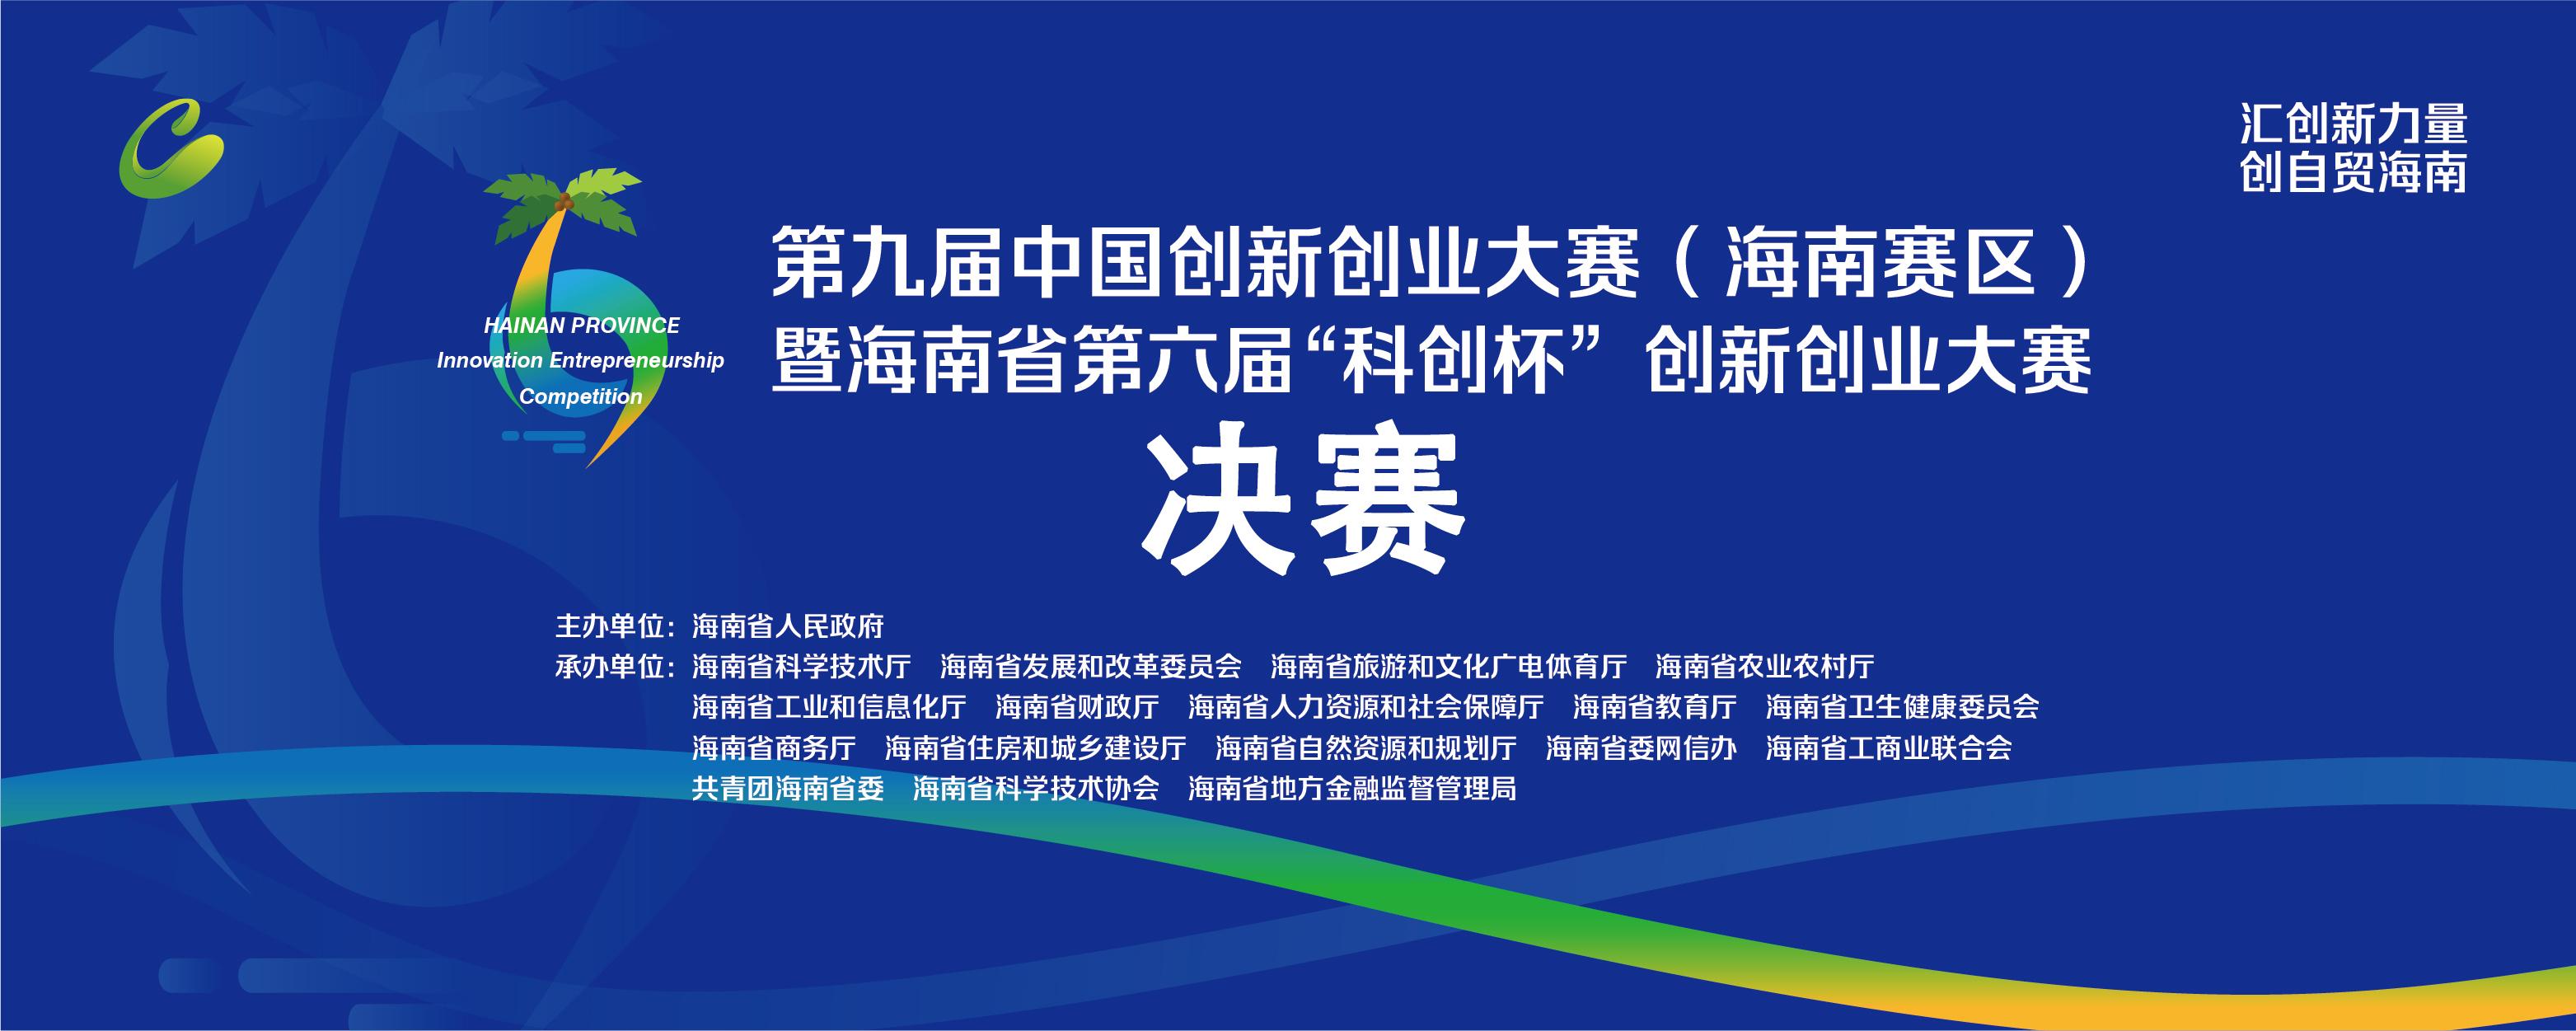 """2020海南省第六届""""科创杯""""创新创业大赛---决赛图片直播"""